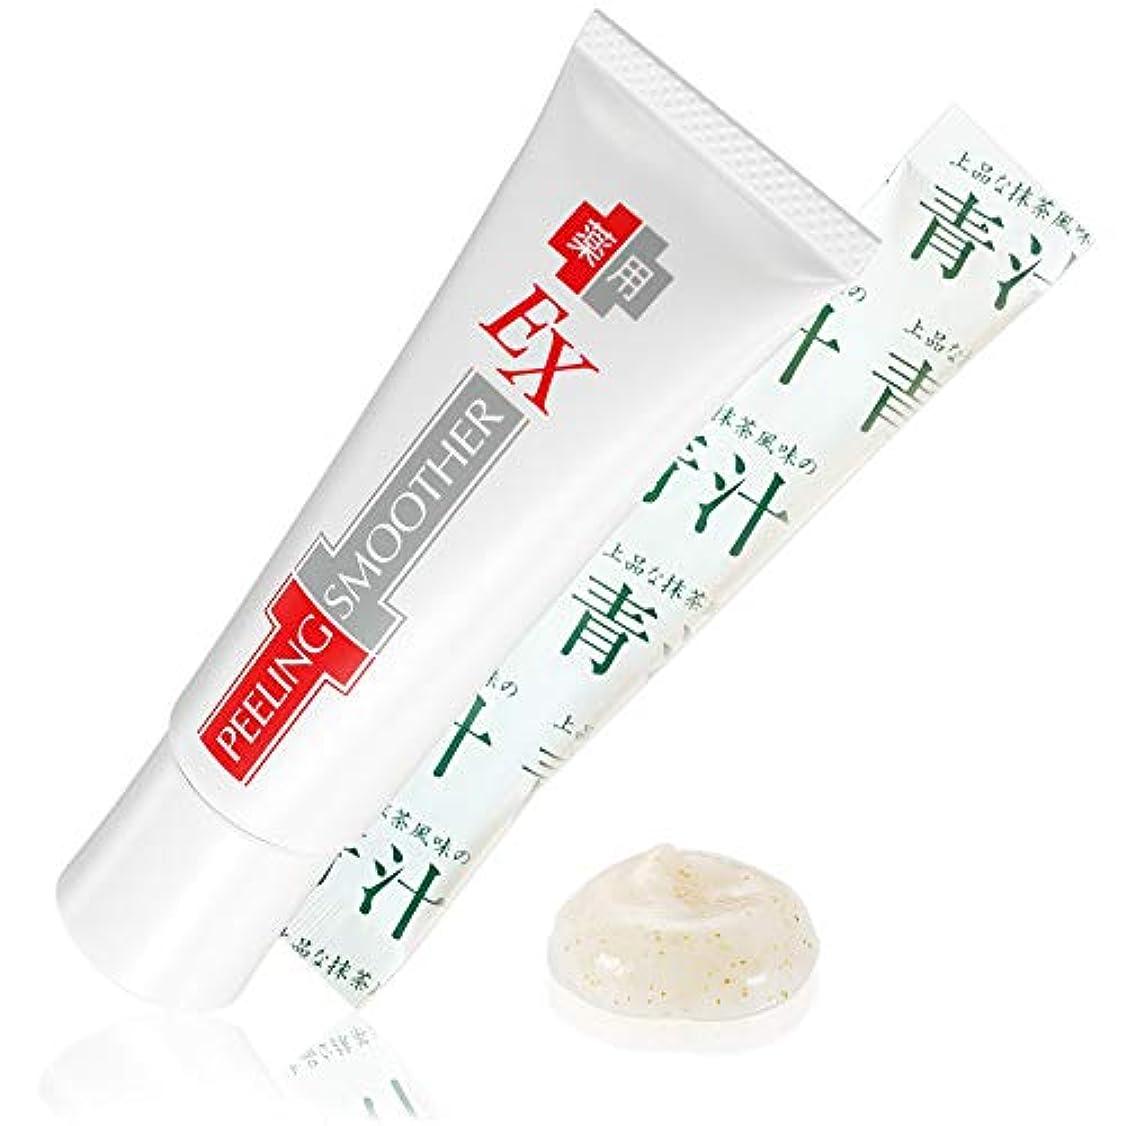 チャップ創傷変形薬用イボ取りクリーム ピーリングスムーサーEX 25g 国産青汁プレミアム1包付き